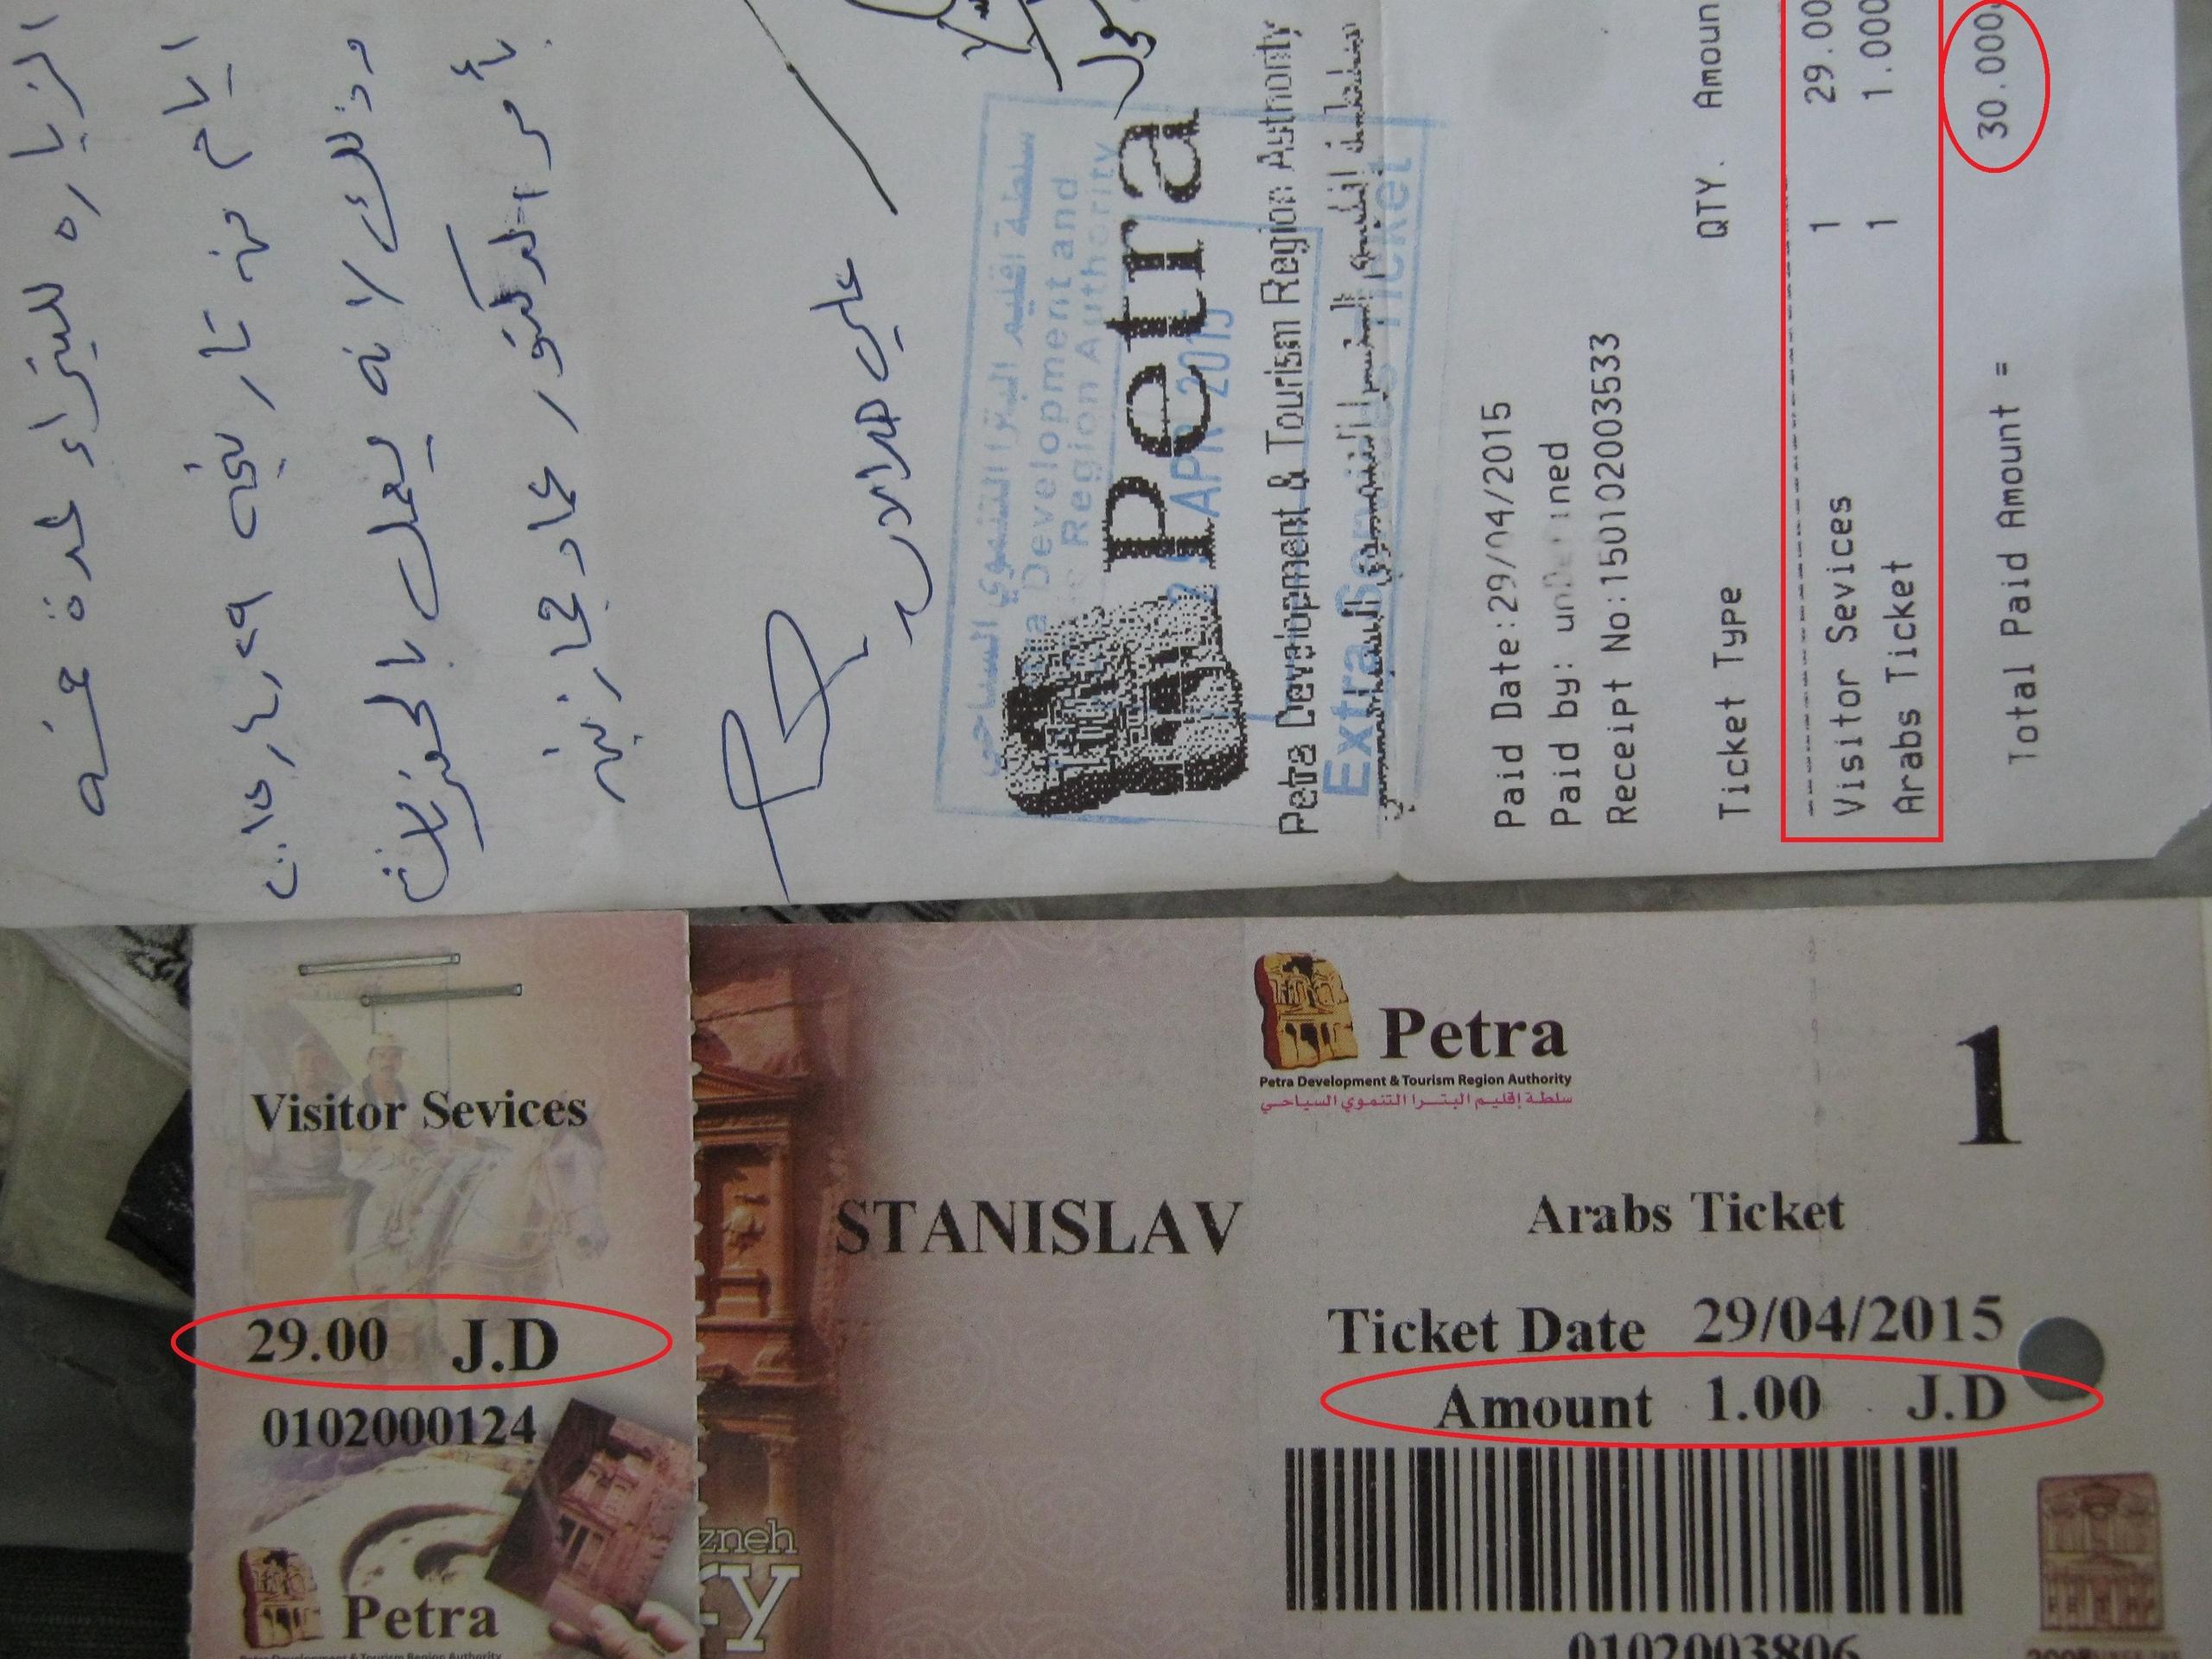 билет со скидкой в Петру